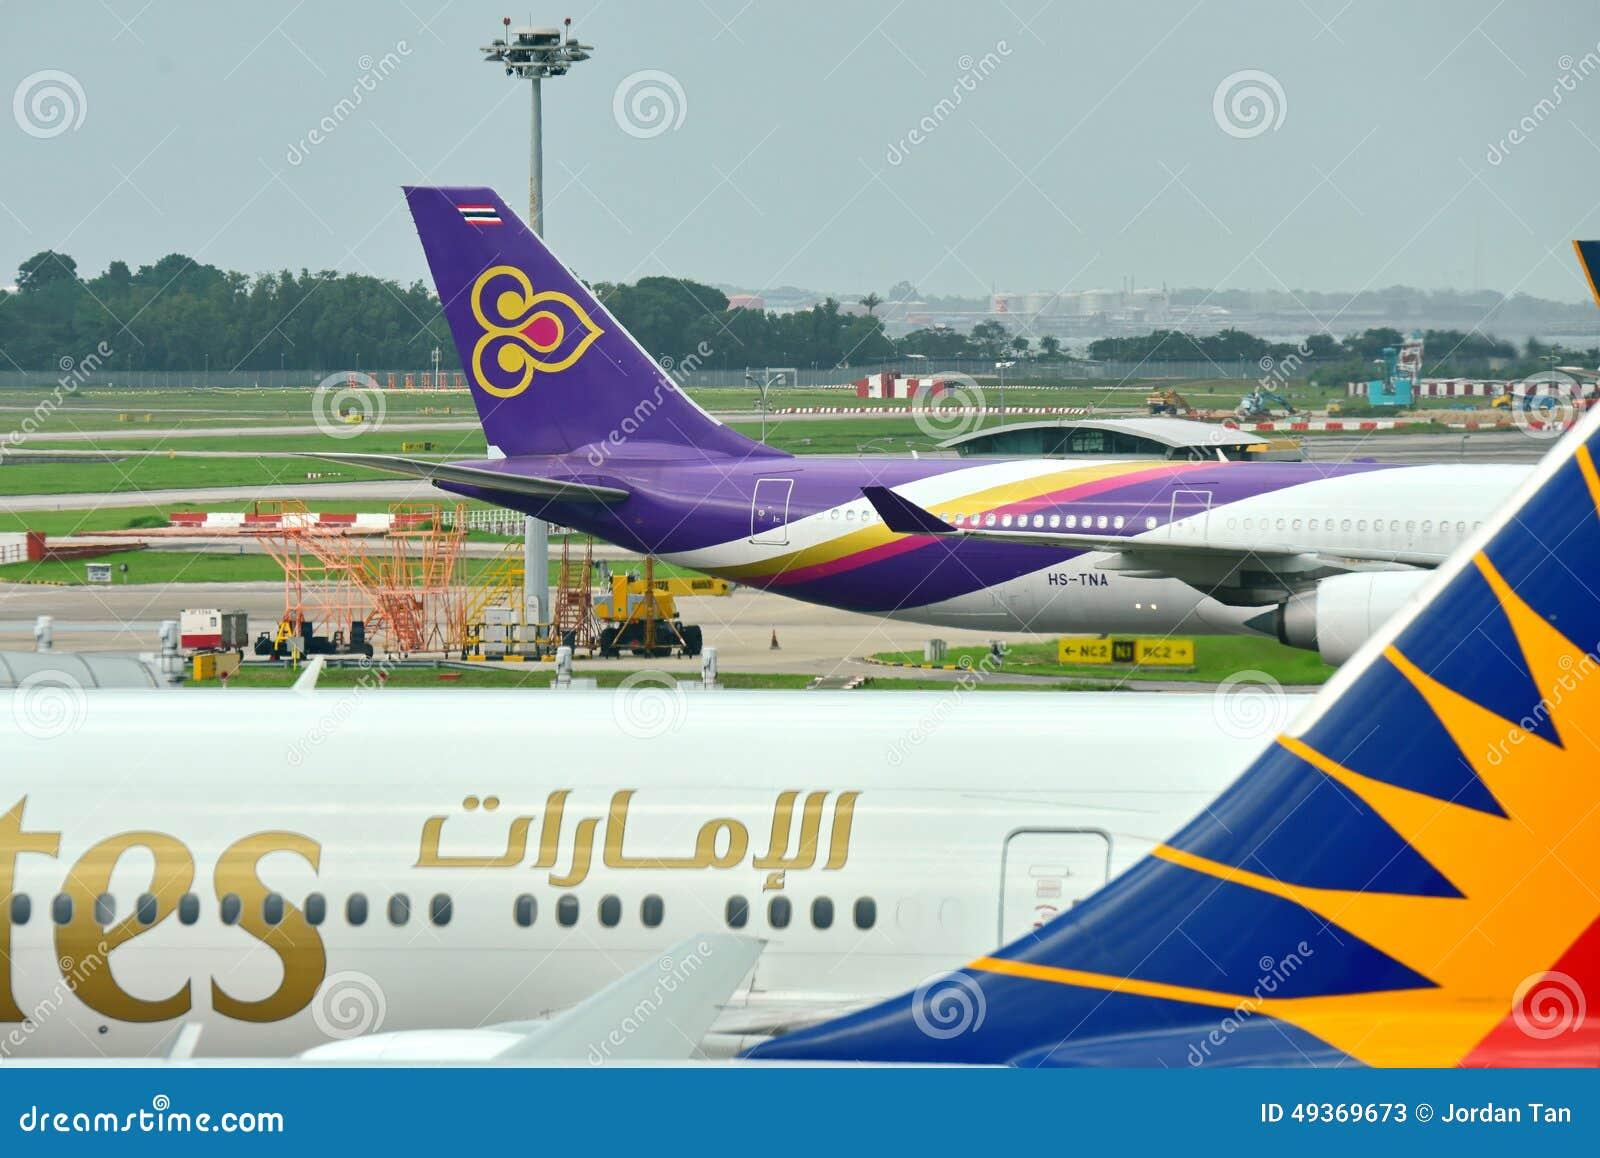 Patio-jet de Thai Airways Airbus A340-600 que lleva en taxi en el aeropuerto de Changi